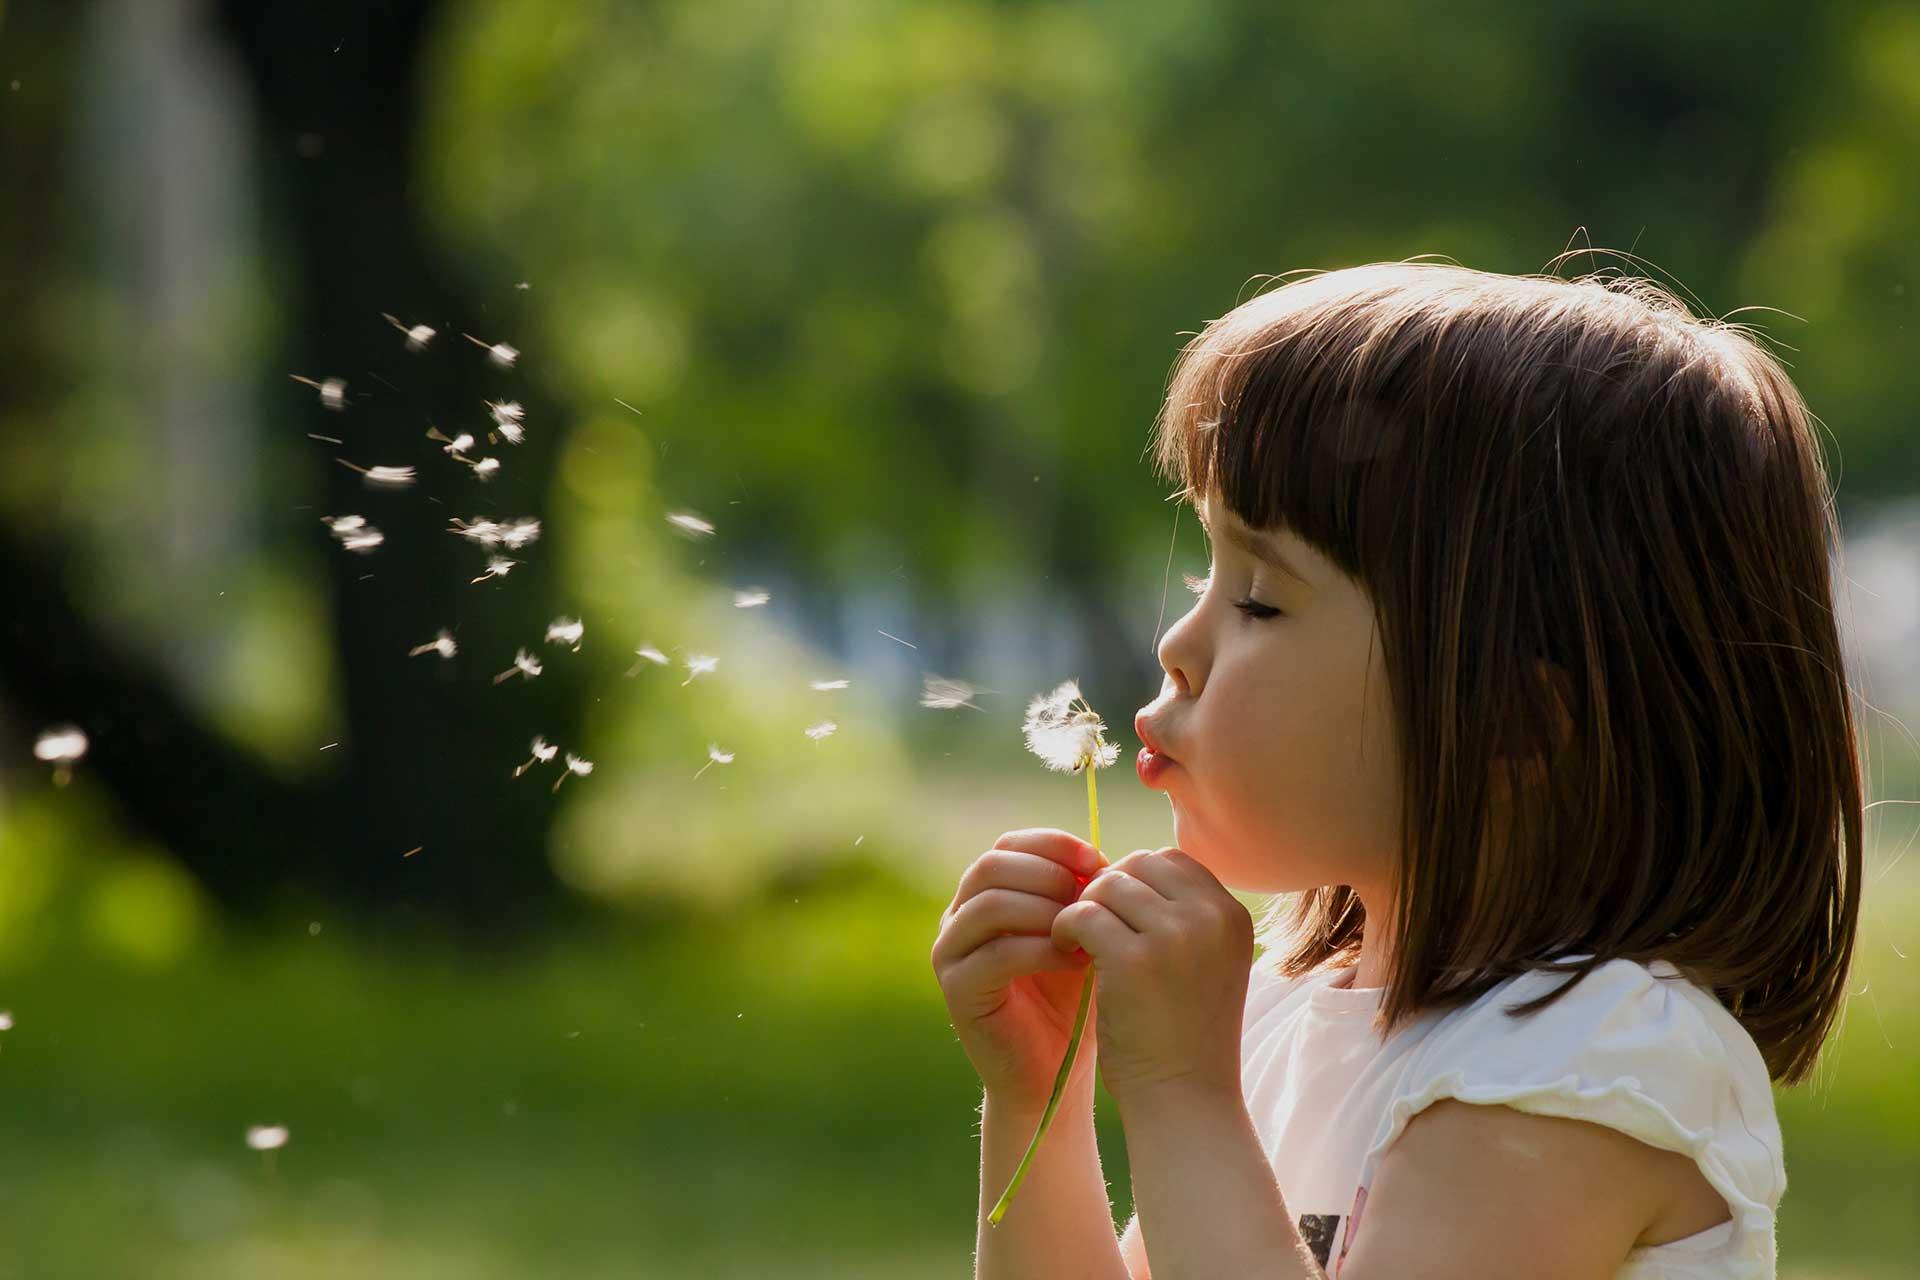 Understanding-your-childs-behavior